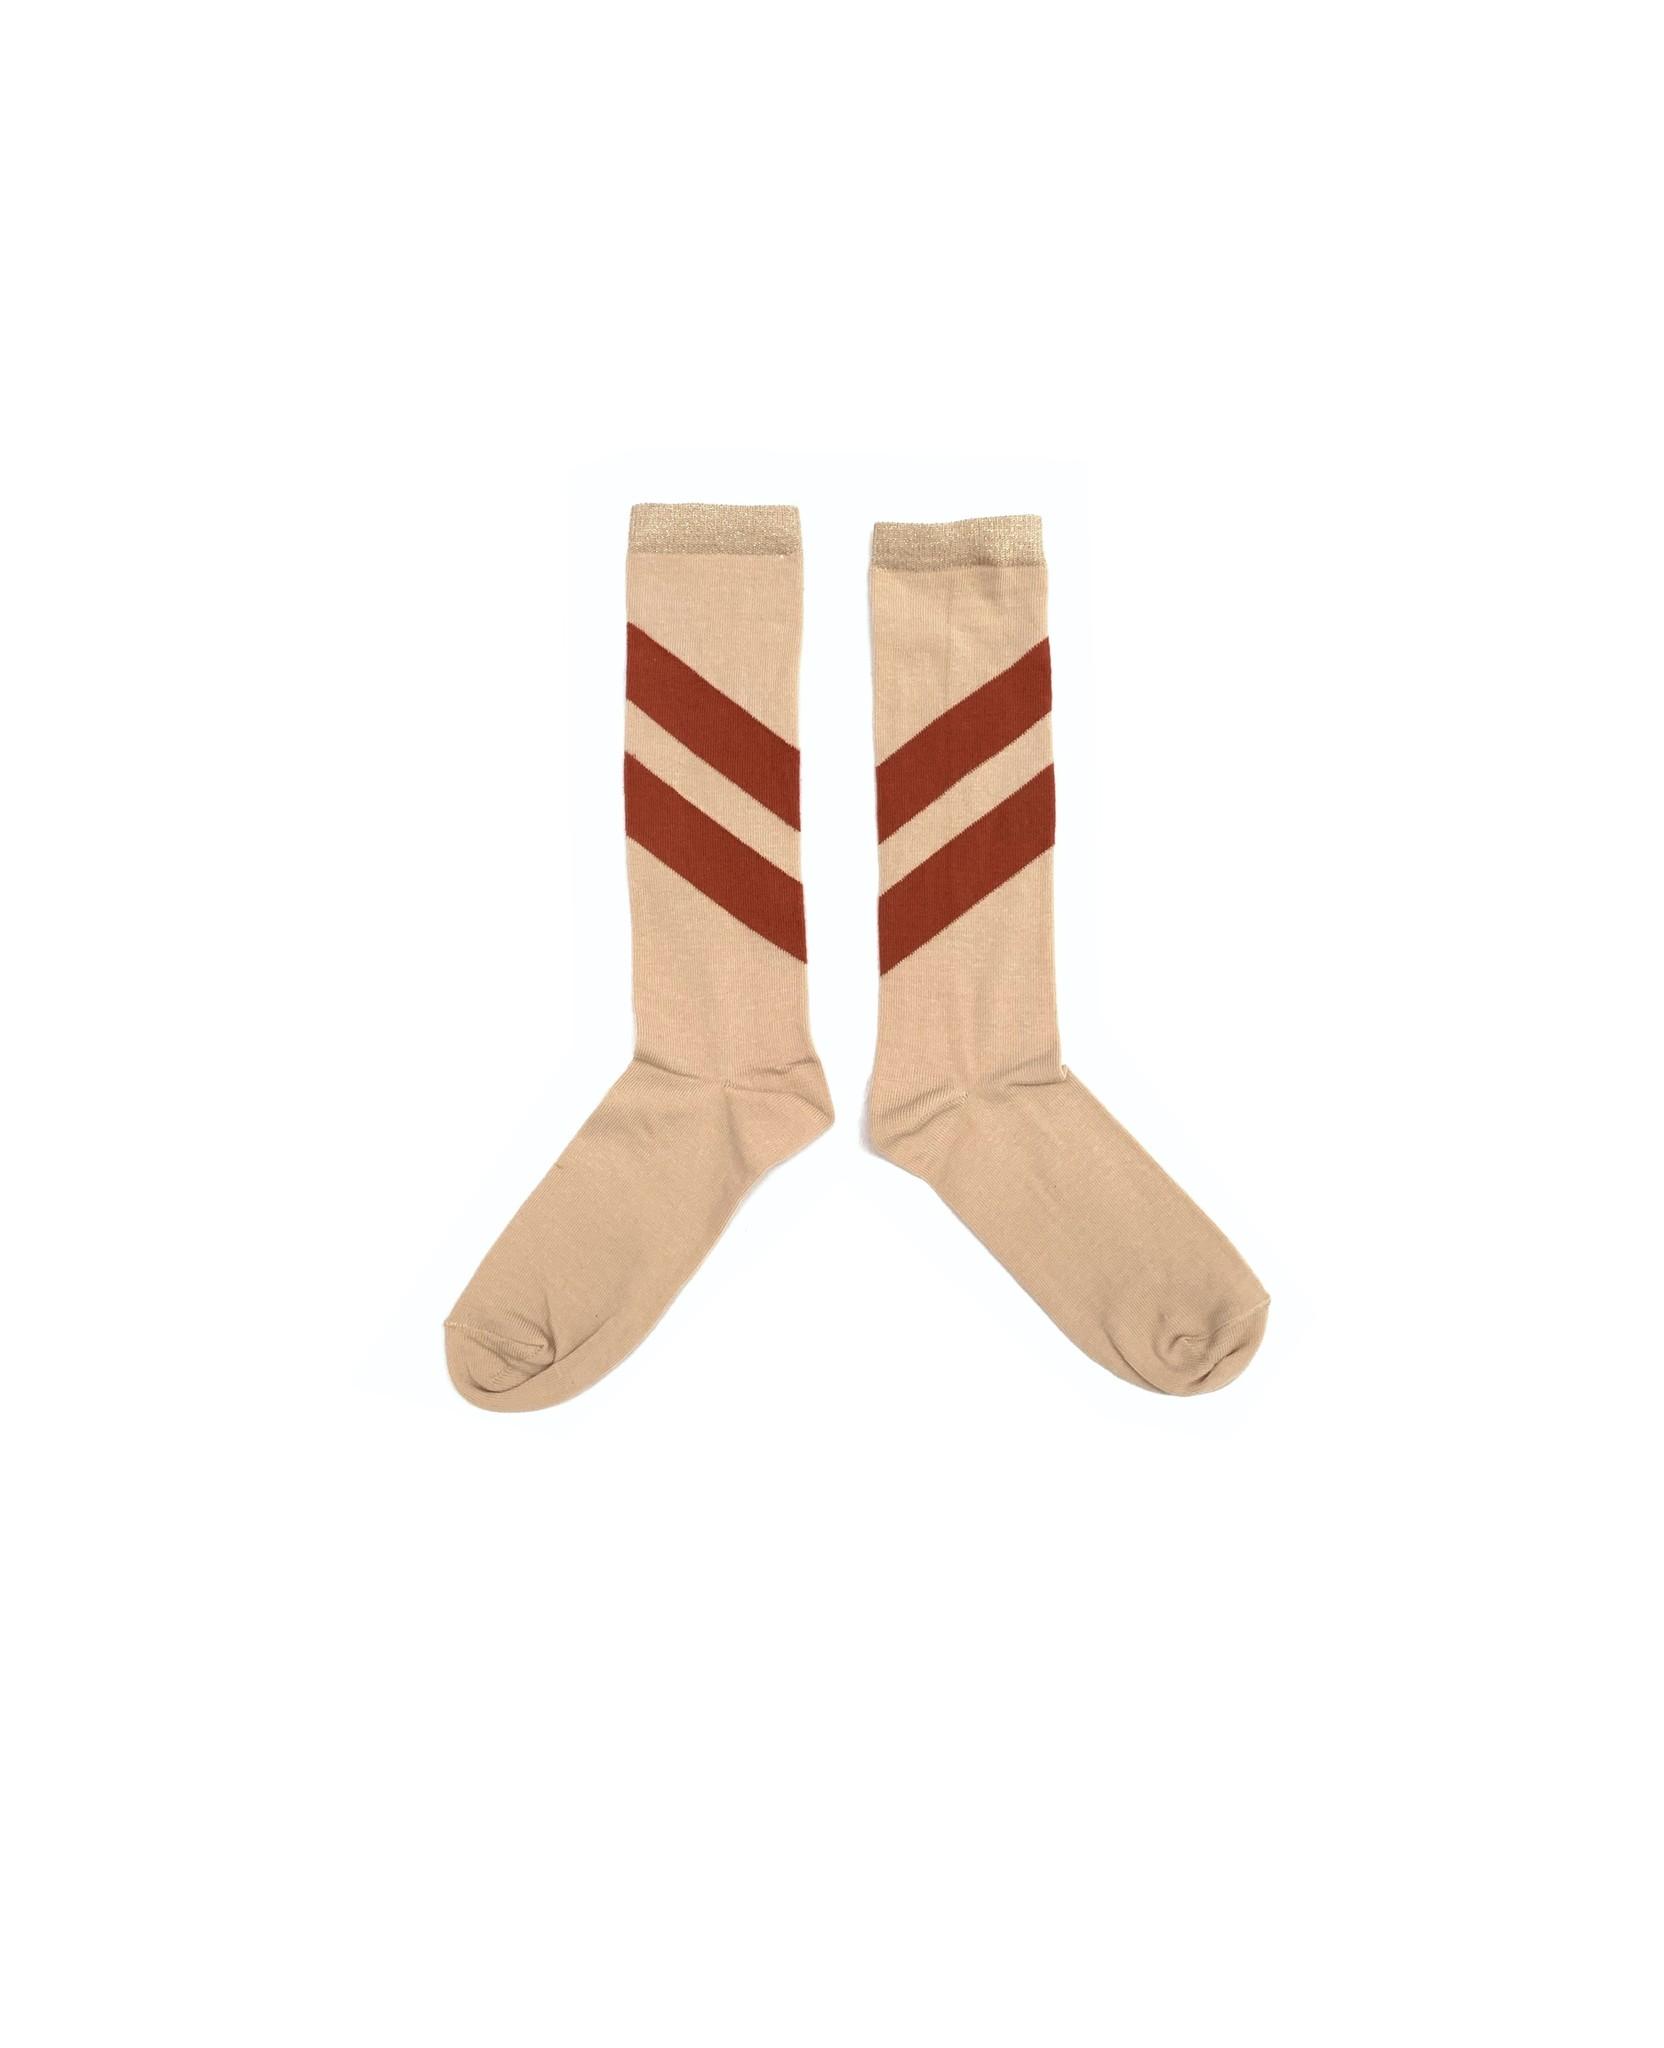 Striped socks - Natural-1